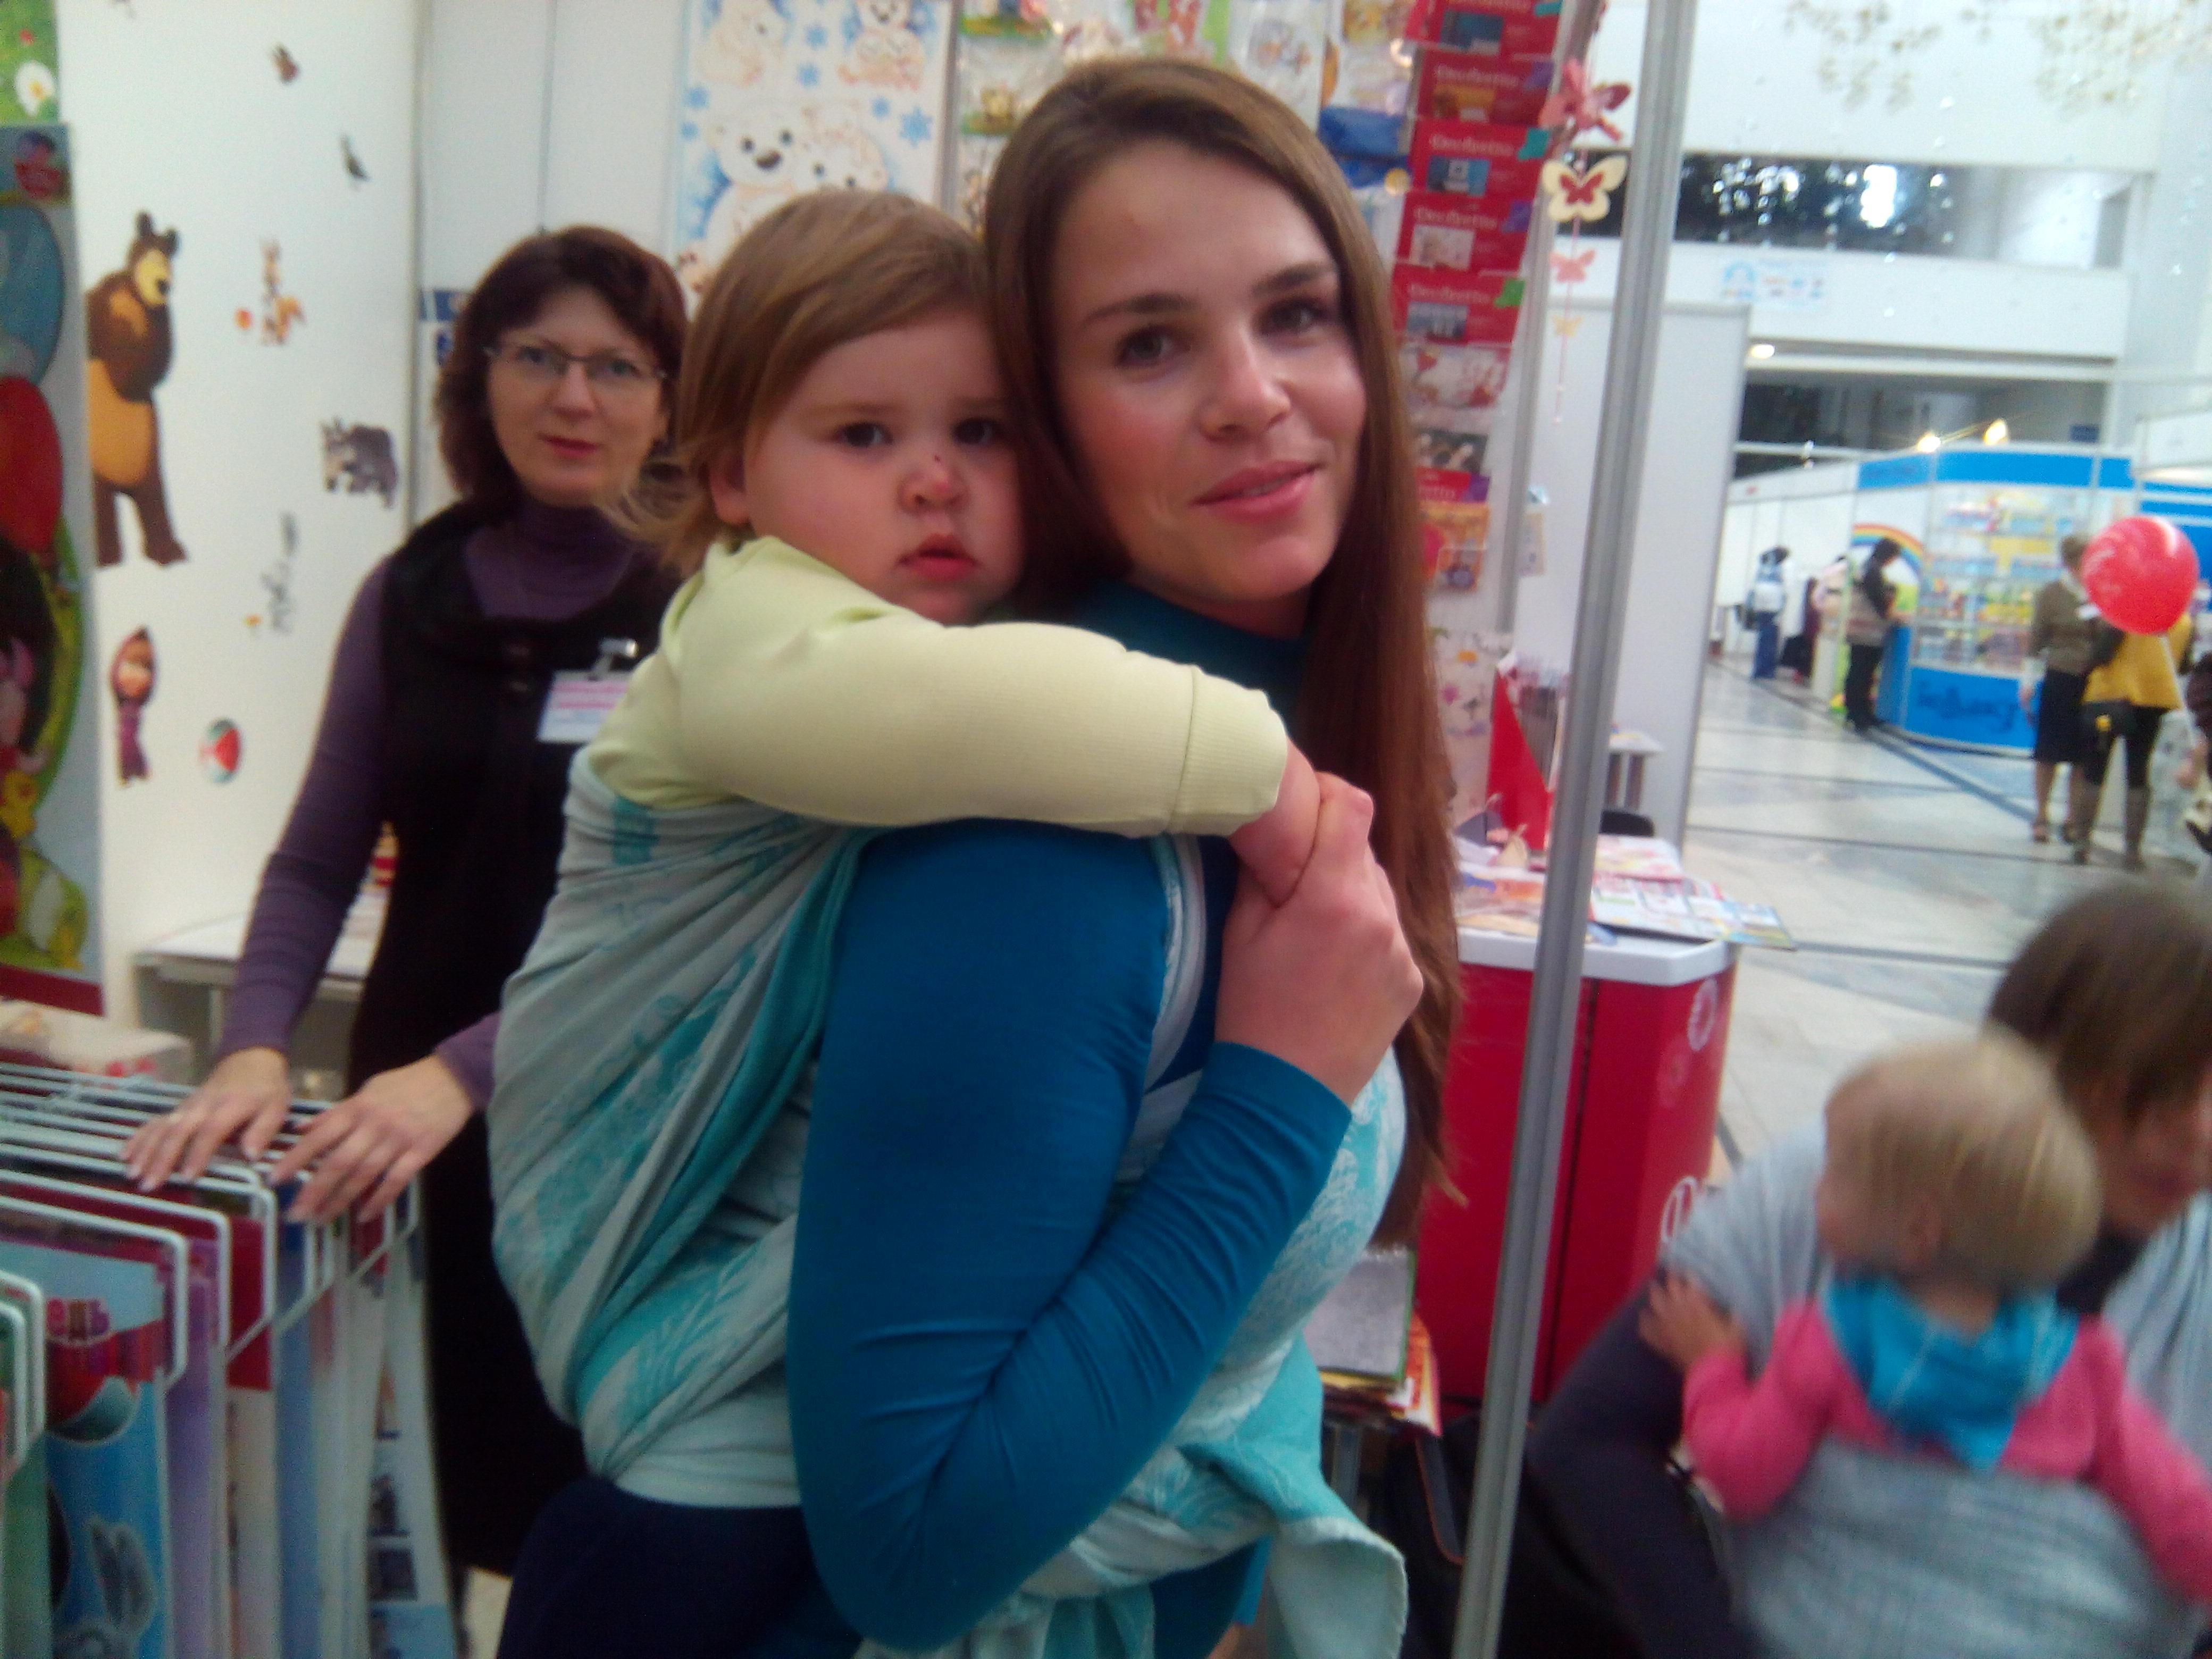 Консультанты по ГВ в Минске на детско-родительской выставке провели ряд семинаров и мероприятий - а это небольшой фотоотчет.